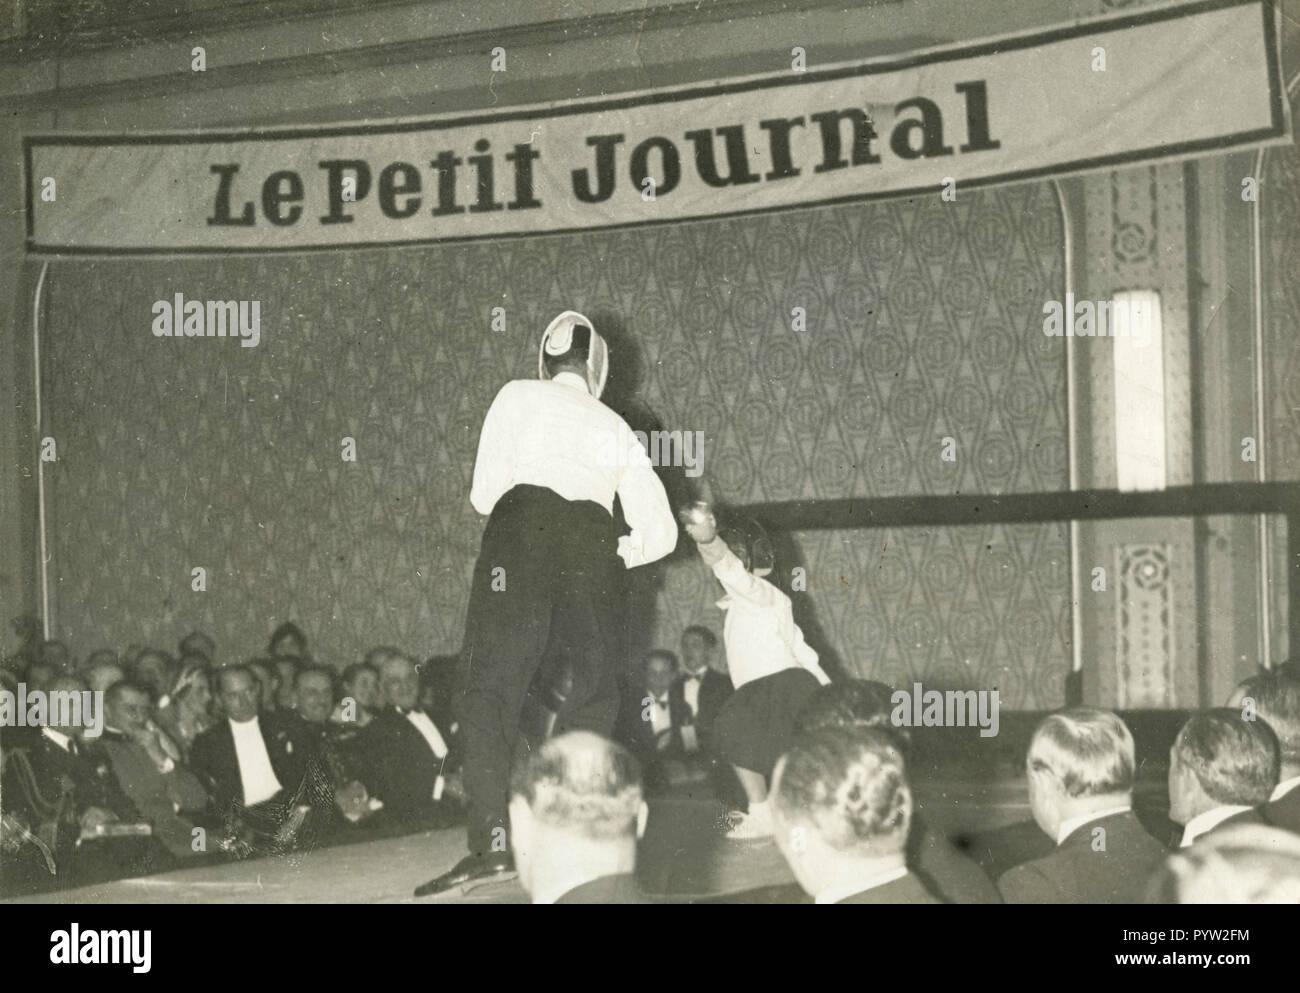 Leçon d'escrime en public, Paris, France 1933 Photo Stock